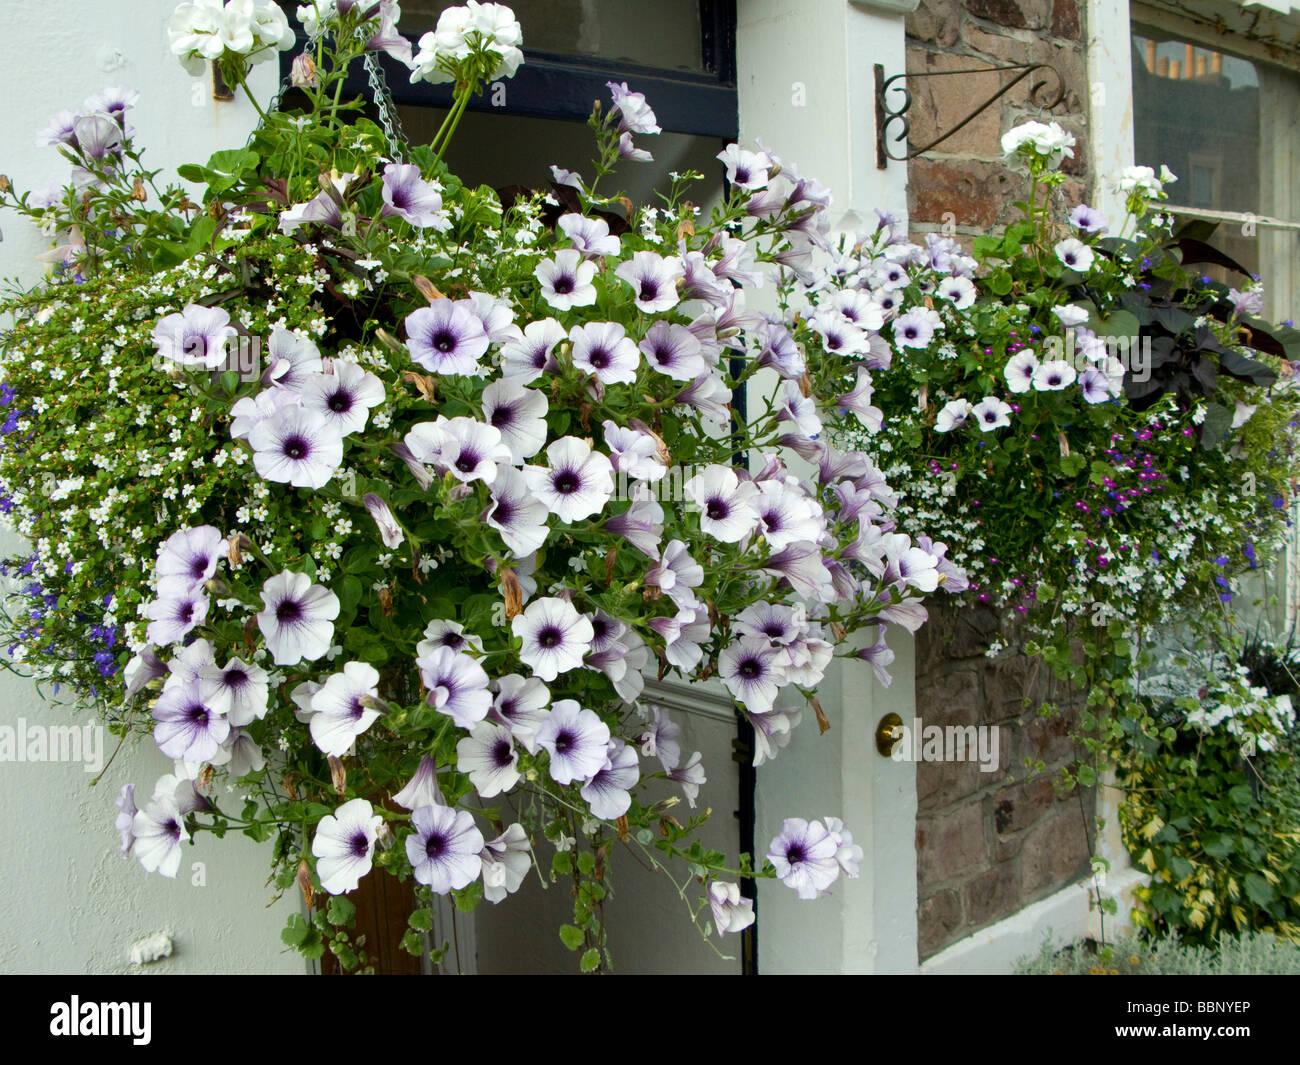 Hanging Basket Outside Front Door Petunias